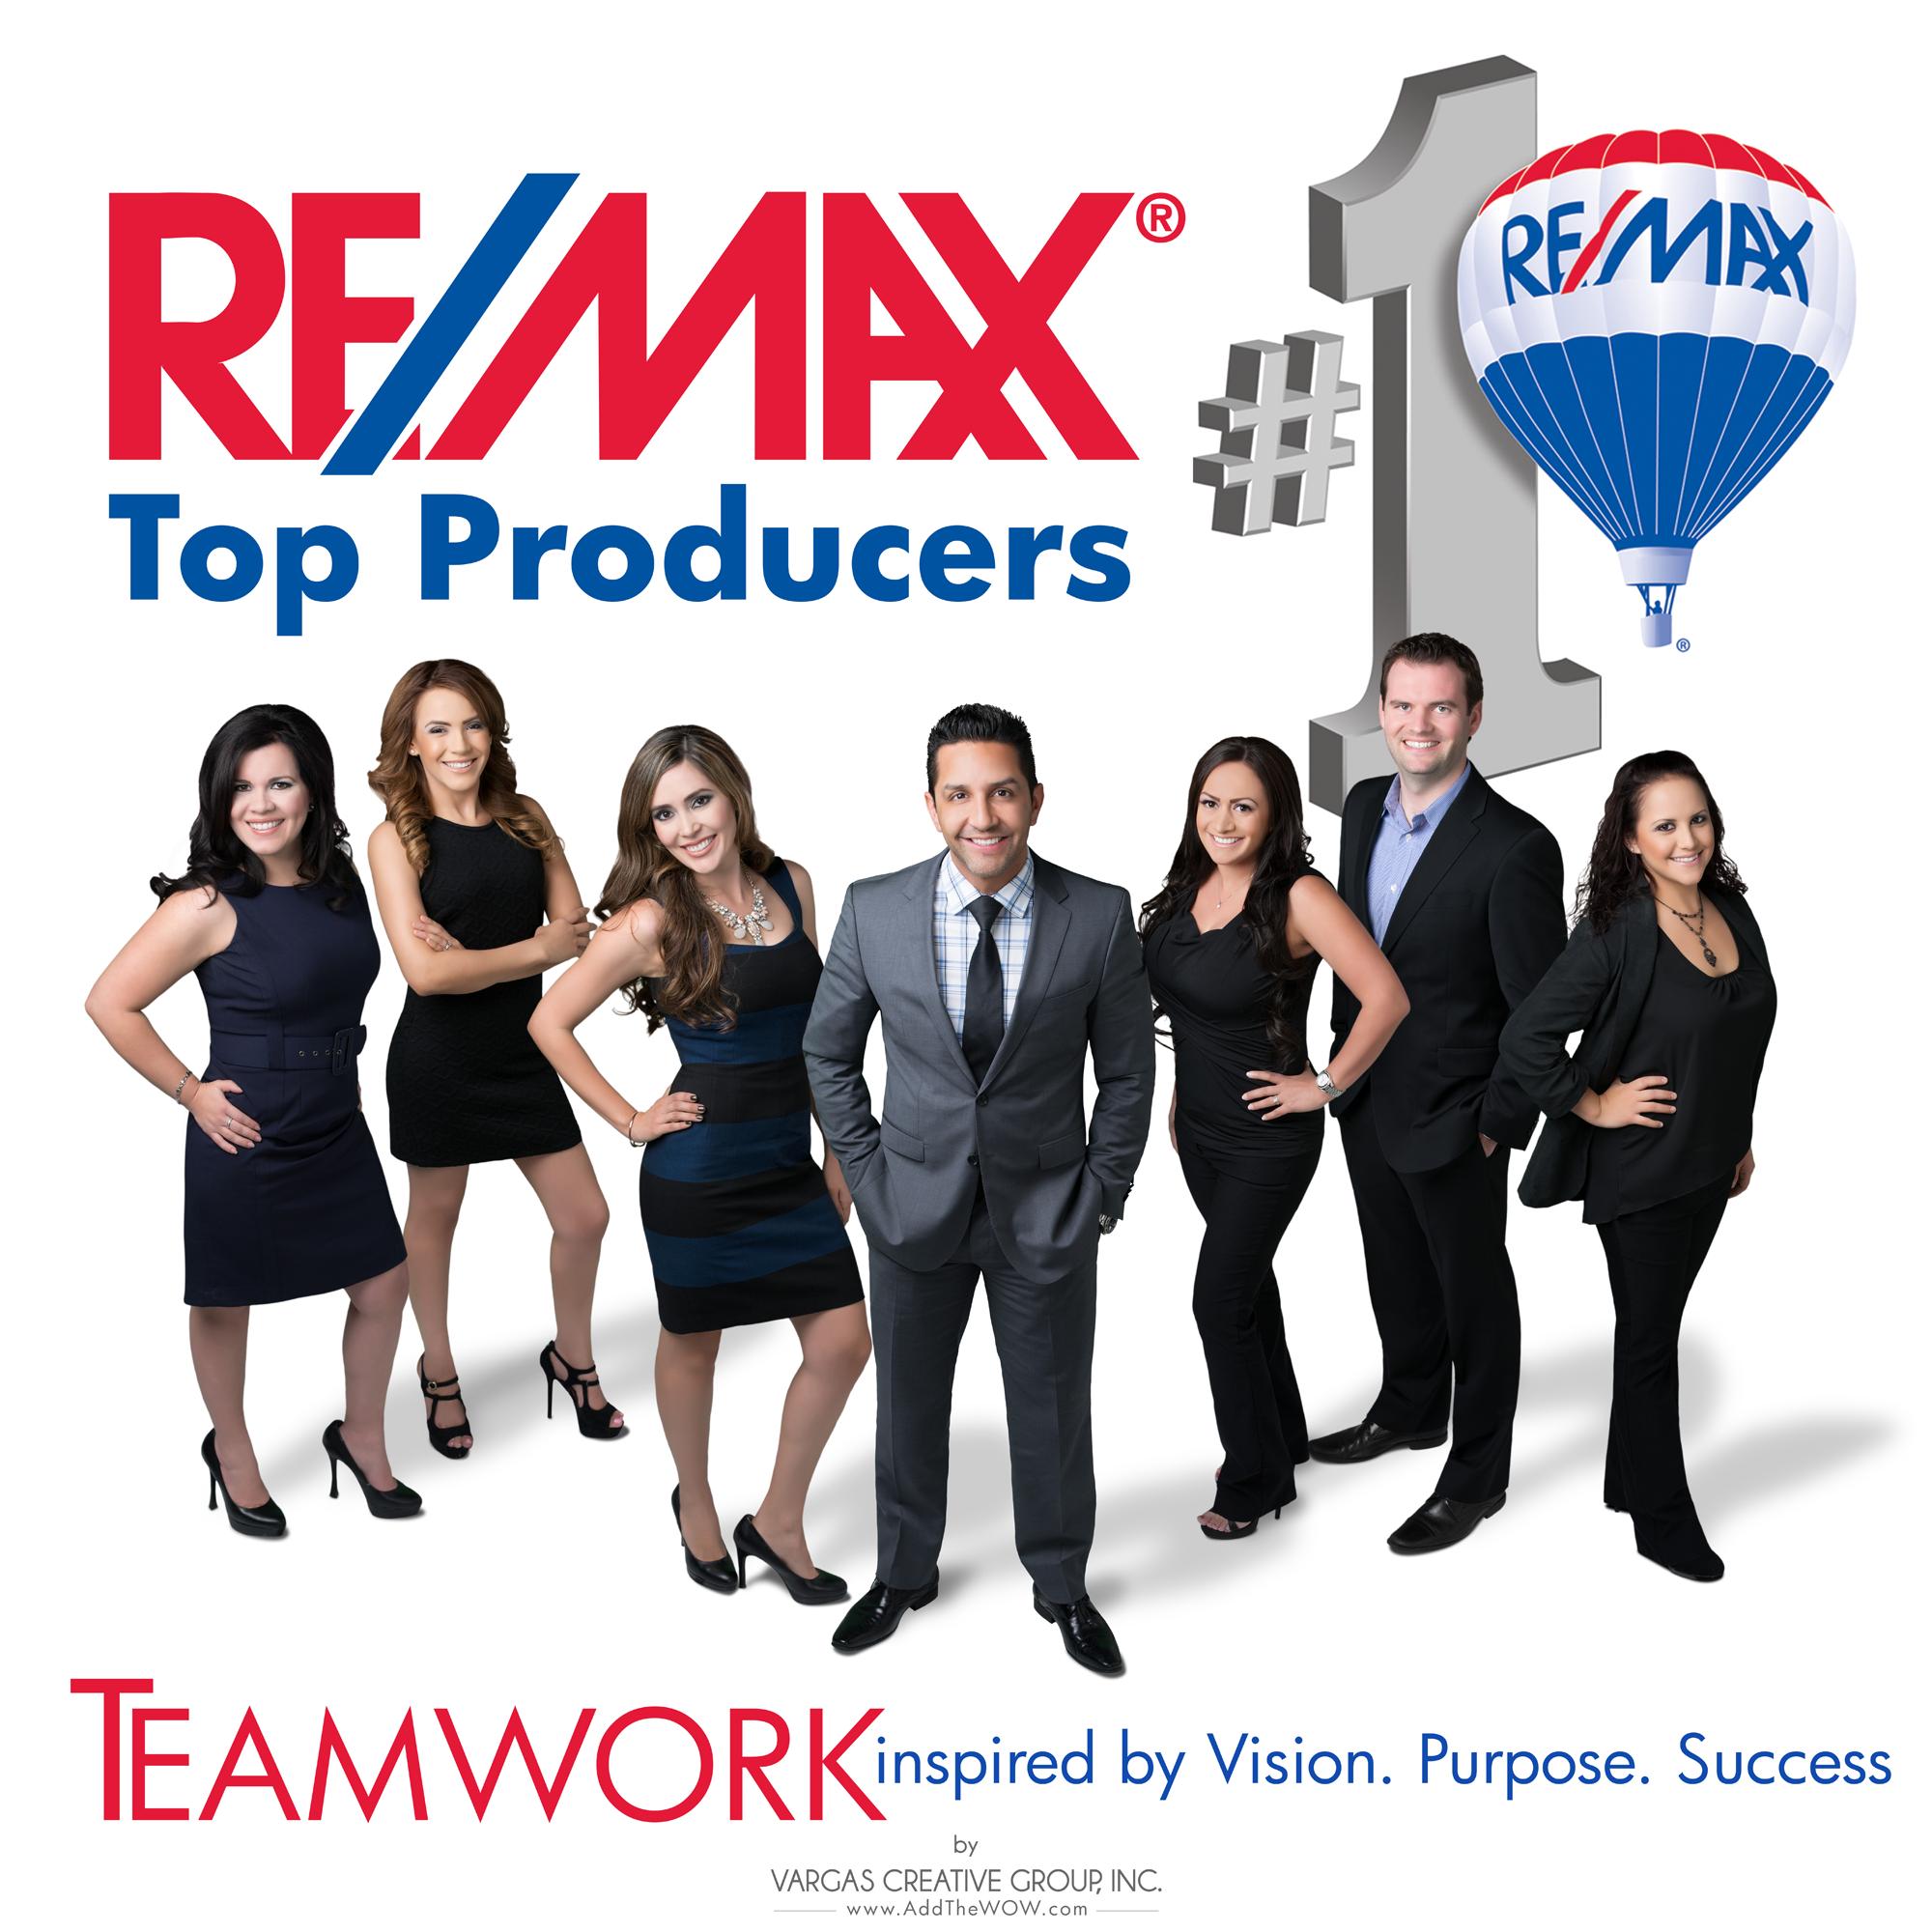 Remax Top Producers Team Photograph Portrait